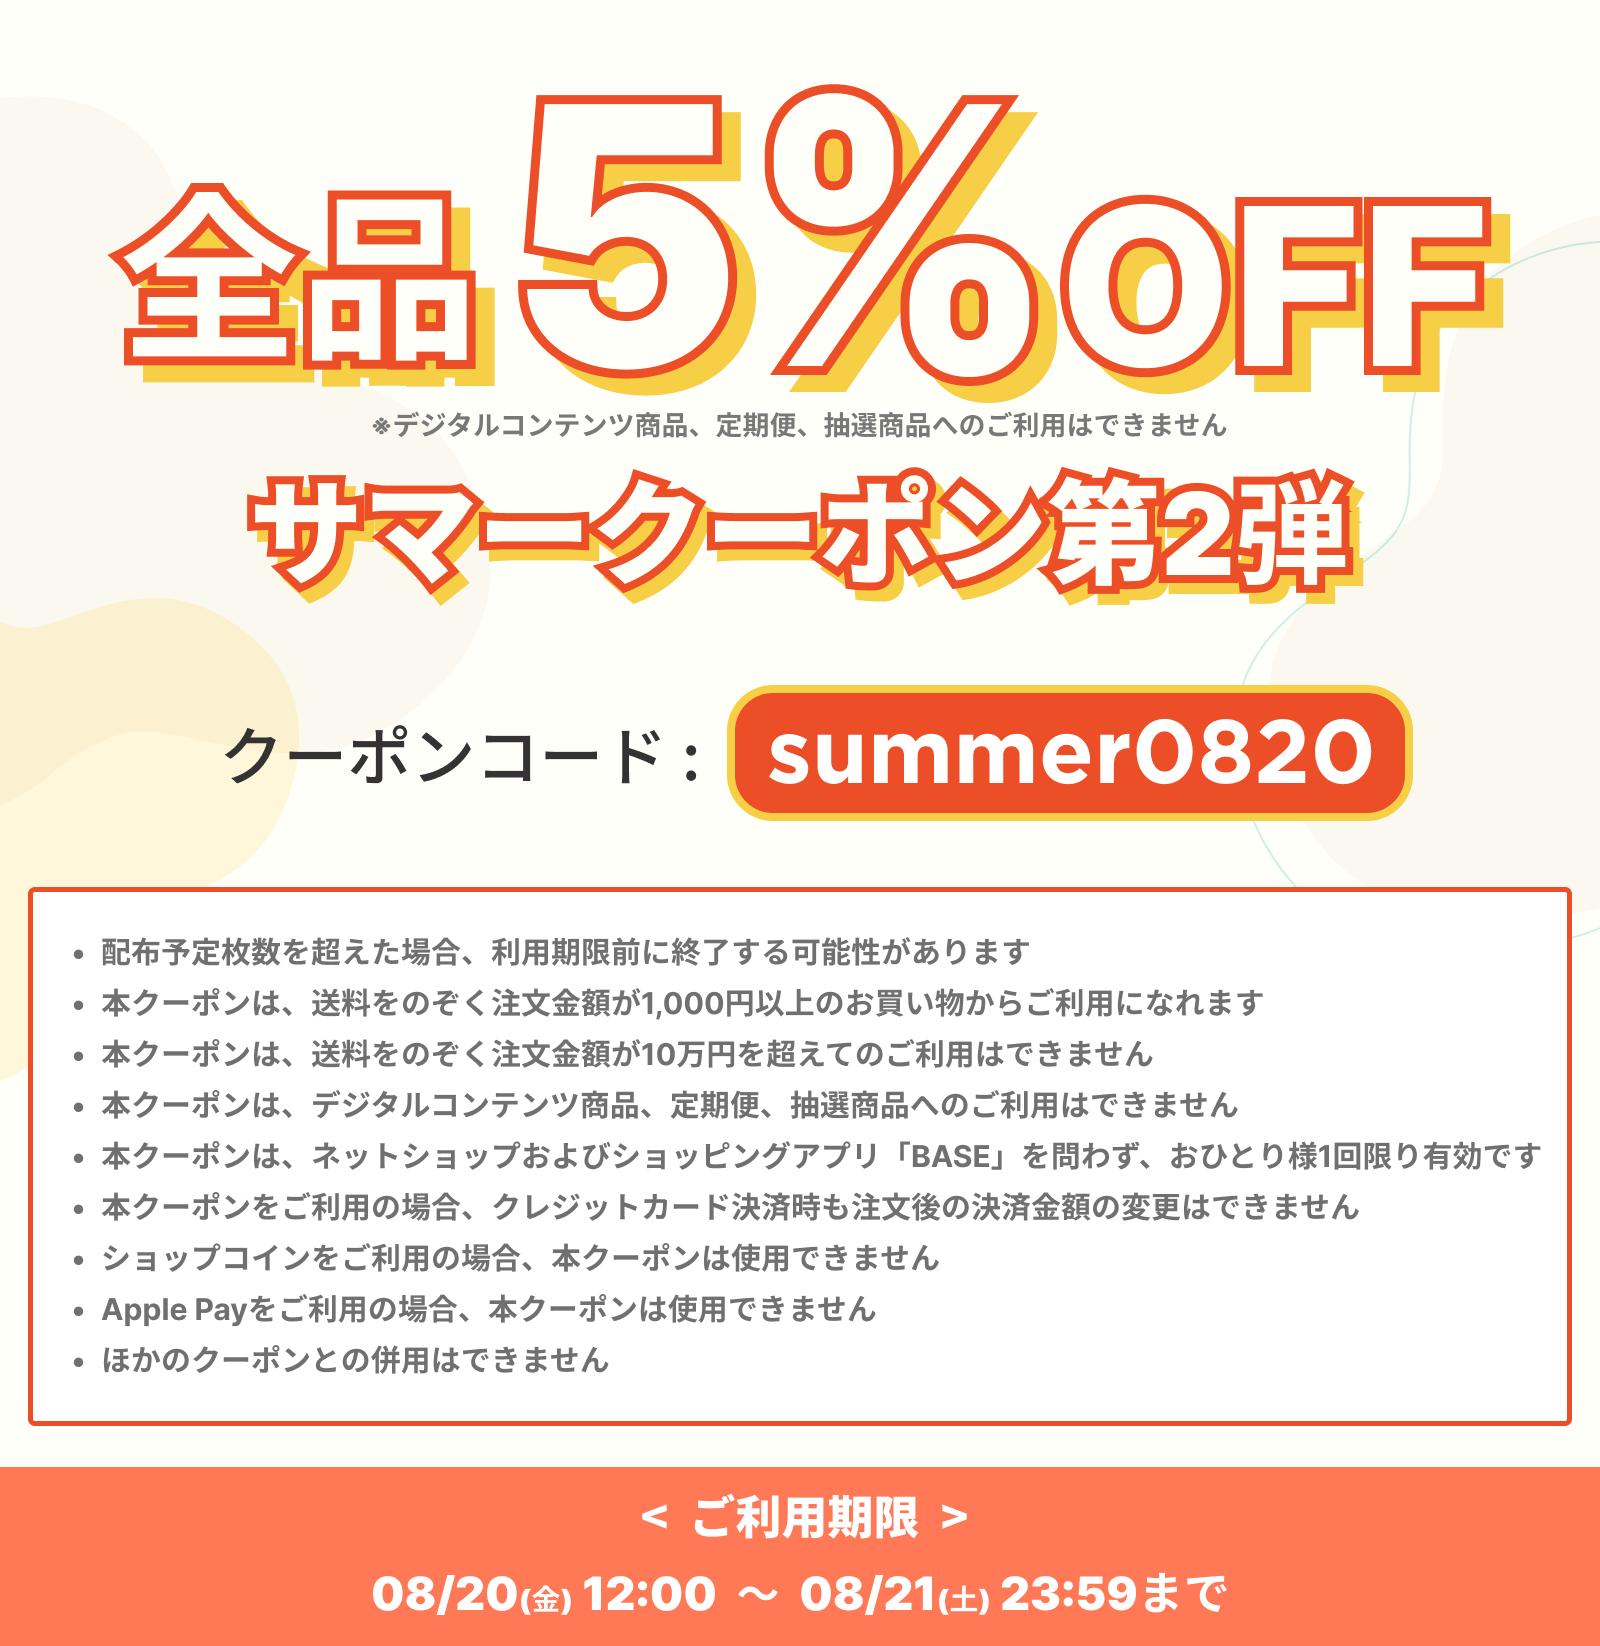 誰でも使える!【5%OFF クーポン】8/21まで!